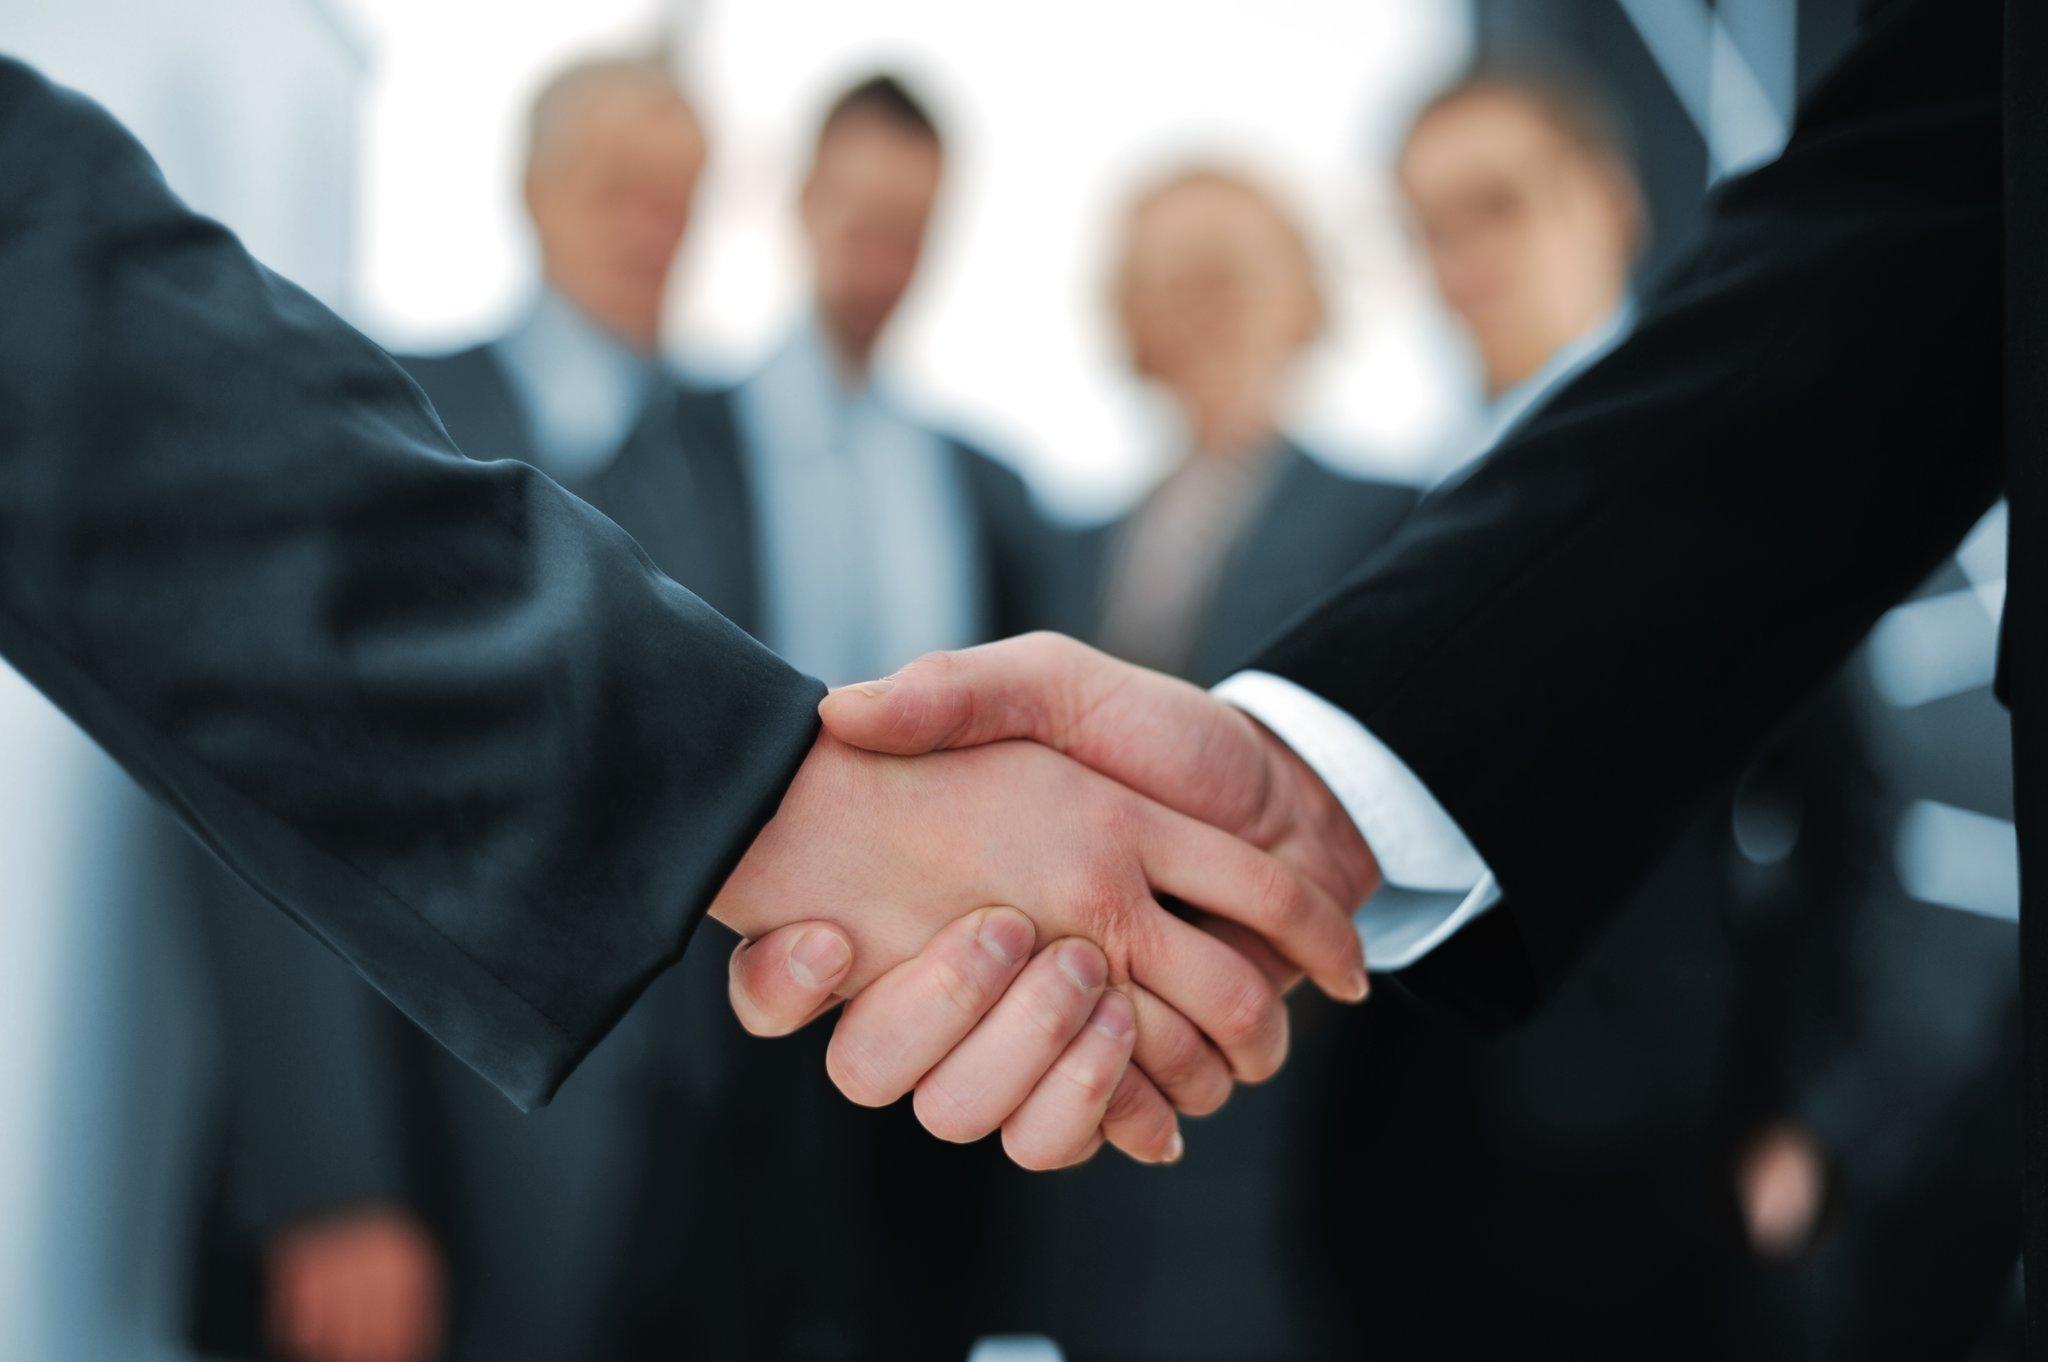 Сколько ставок можно совмещать в одной организации?